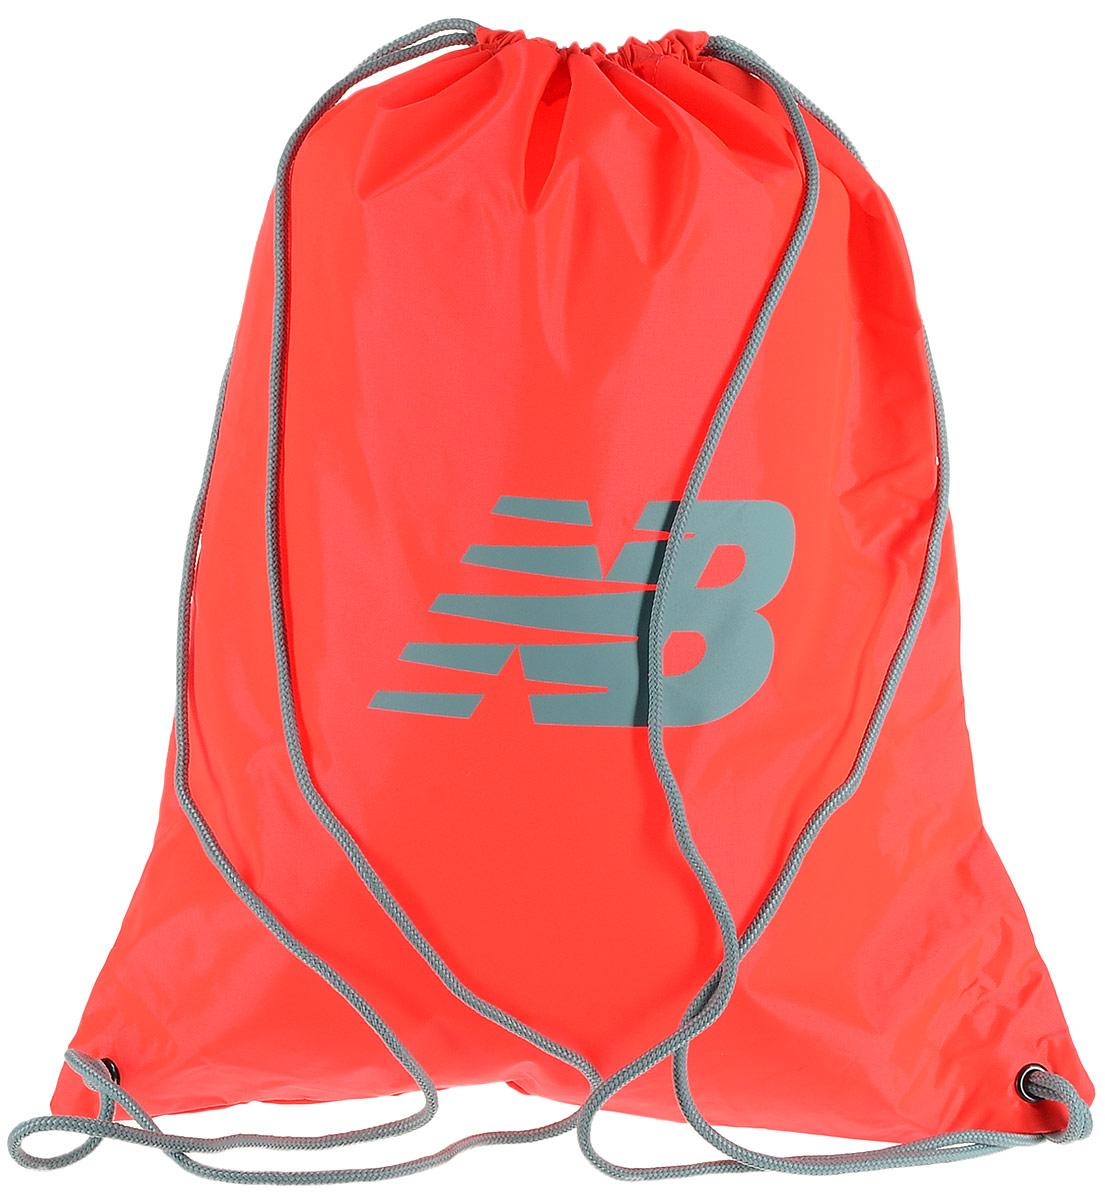 Рюкзак New Balance Cinch Sack, цвет: неоновый оранжевый. 500006/AO23008Стильный спортивный рюкзак New Balance Cinch Sack выполнен из нейлона и оформлен символикой бренда. Изделие имеет одно основное отделение, которое закрывается с помощью затягивающего шнурка.Веревочные завязки можно использовать как наплечные лямки. Стильный и функциональный рюкзак поместит все необходимое.